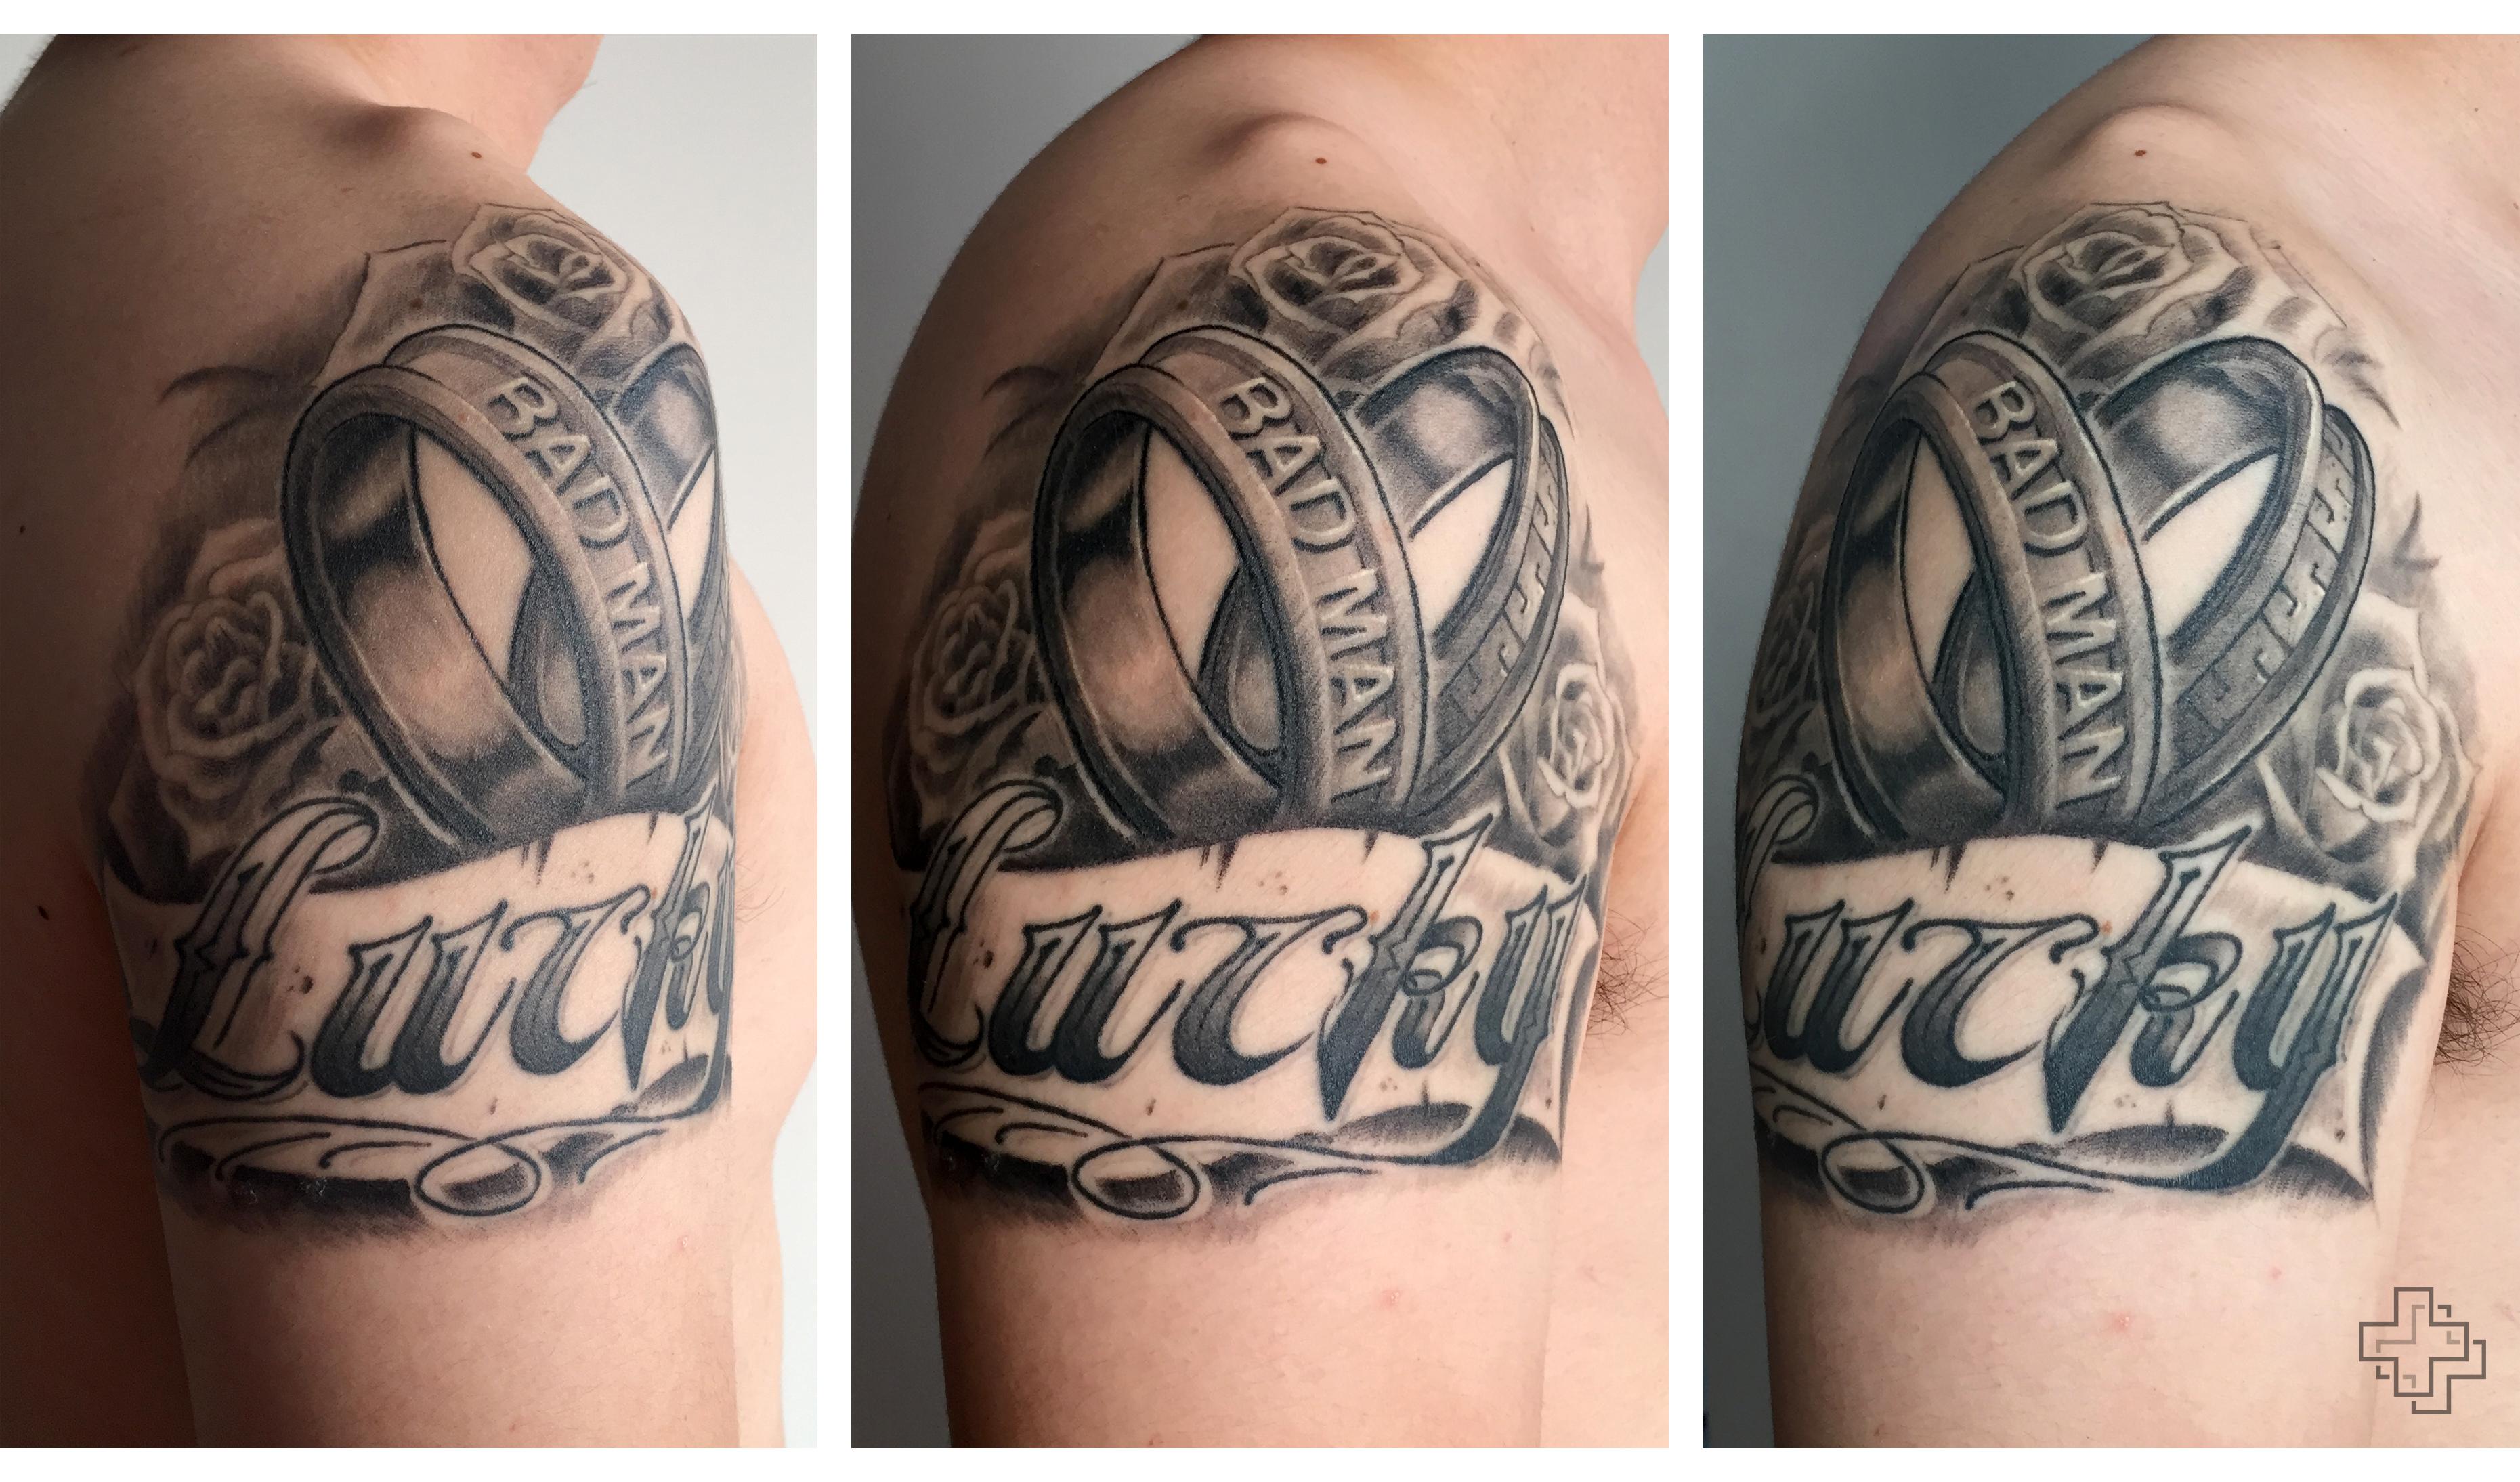 两个写实纹身|手工艺|其他手工|2nu7lg - 原创作品